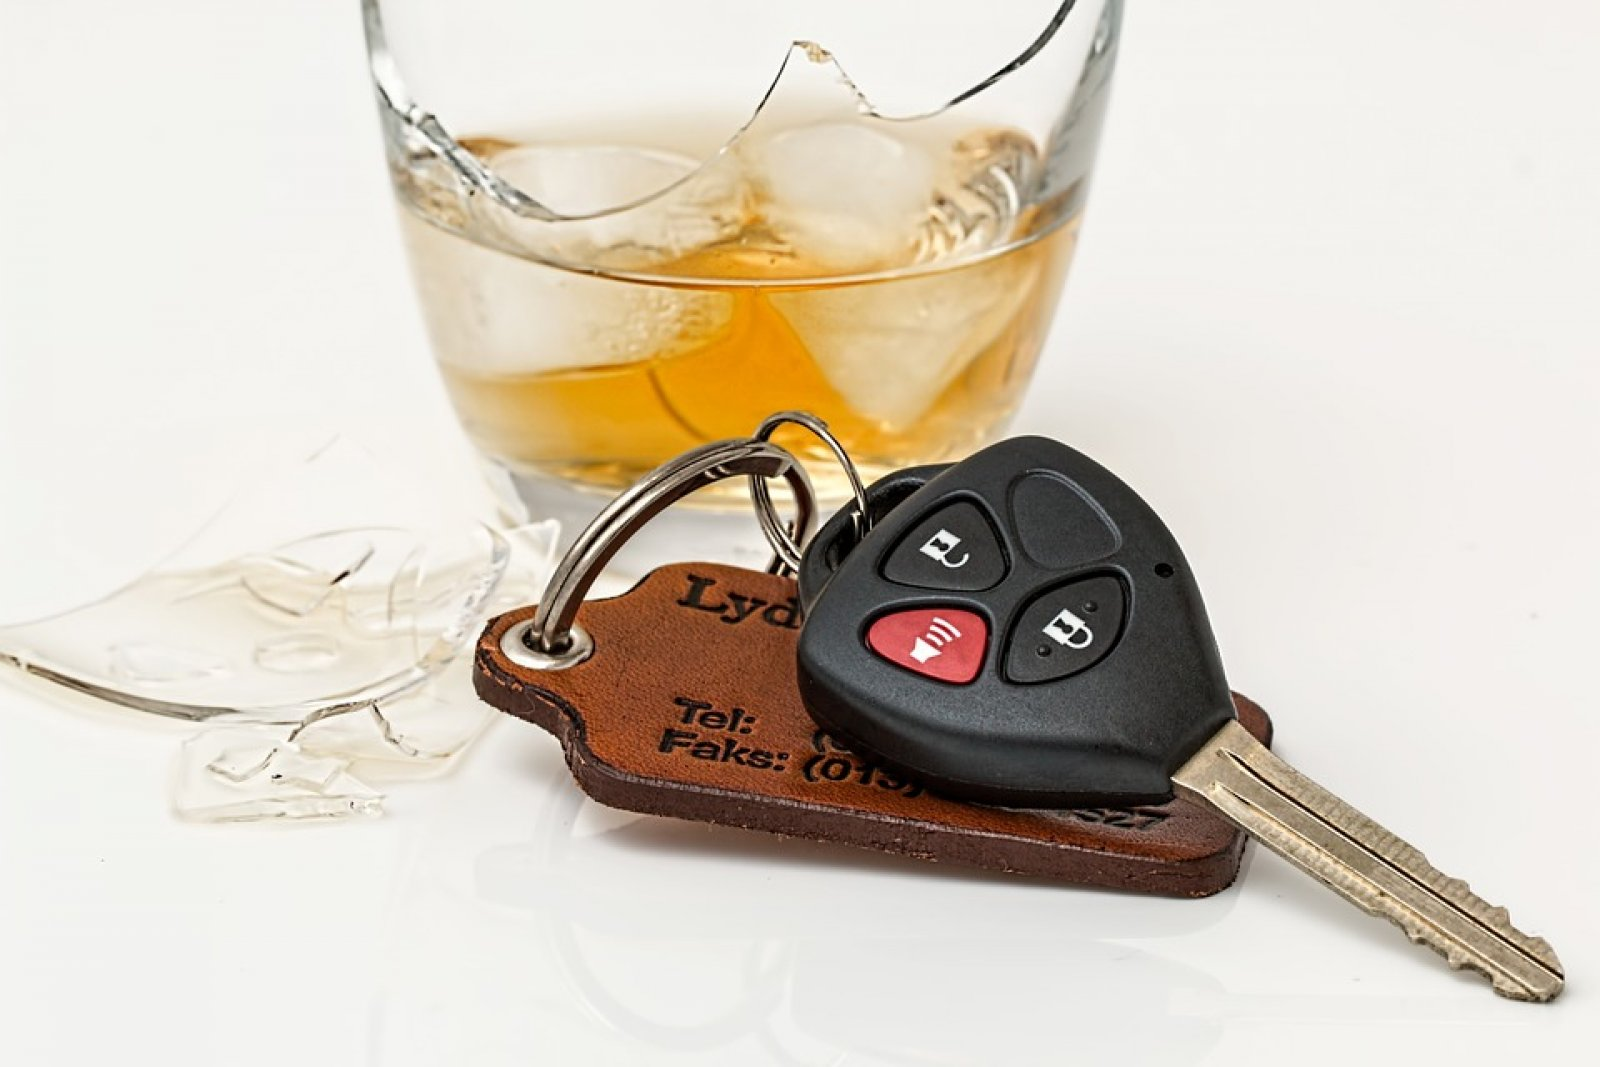 alcohol i conducció, mala combinació